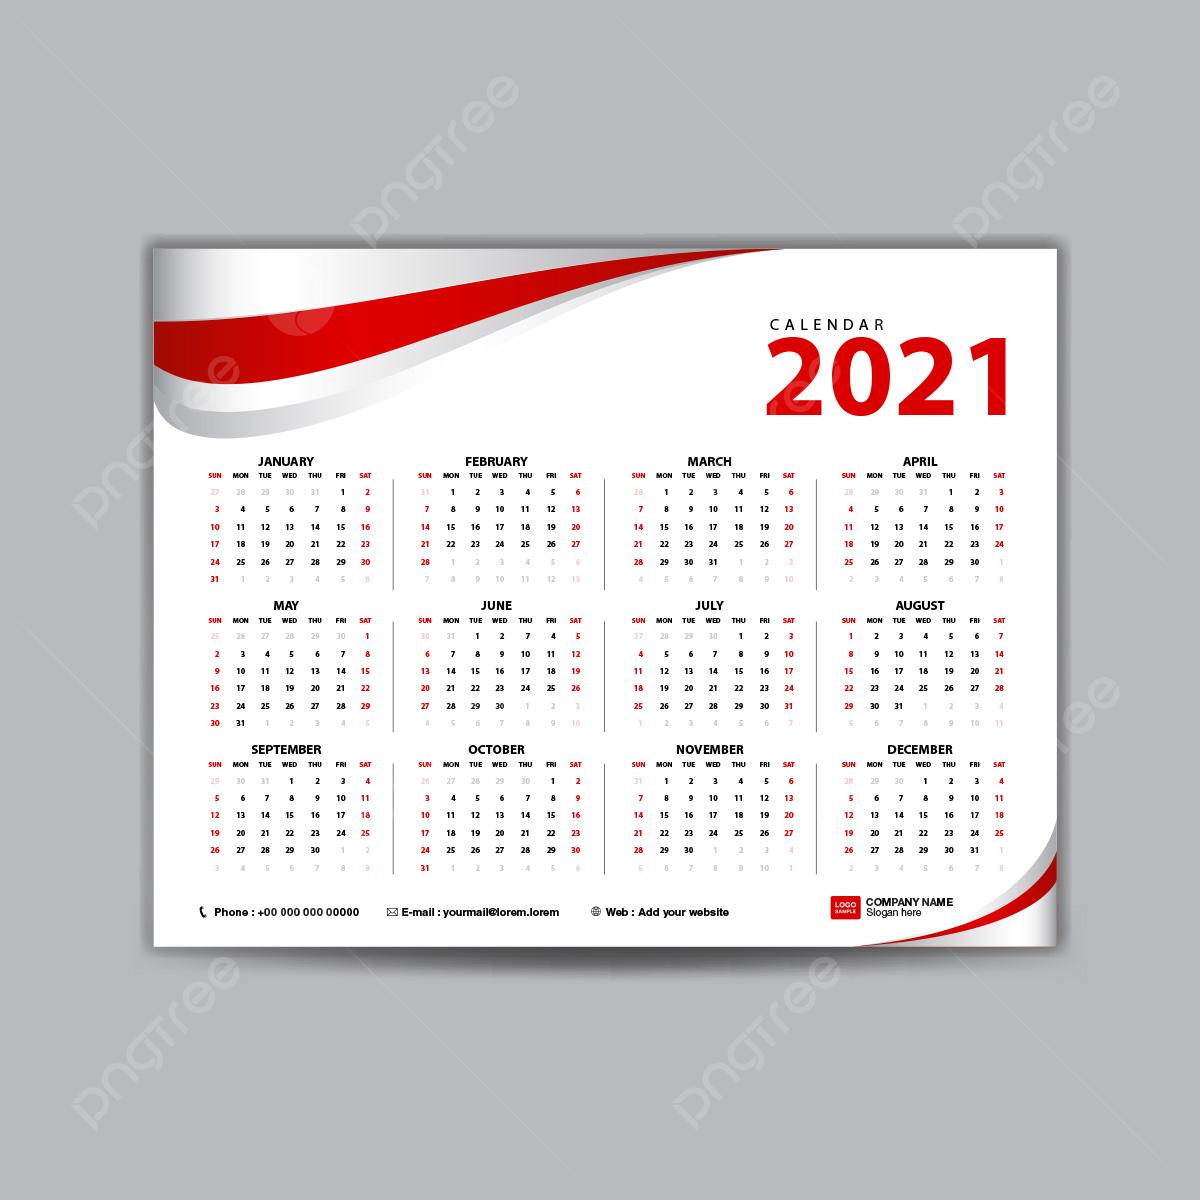 Calendario 2021 Modello Concetto Di Colore Rosso Modello per il